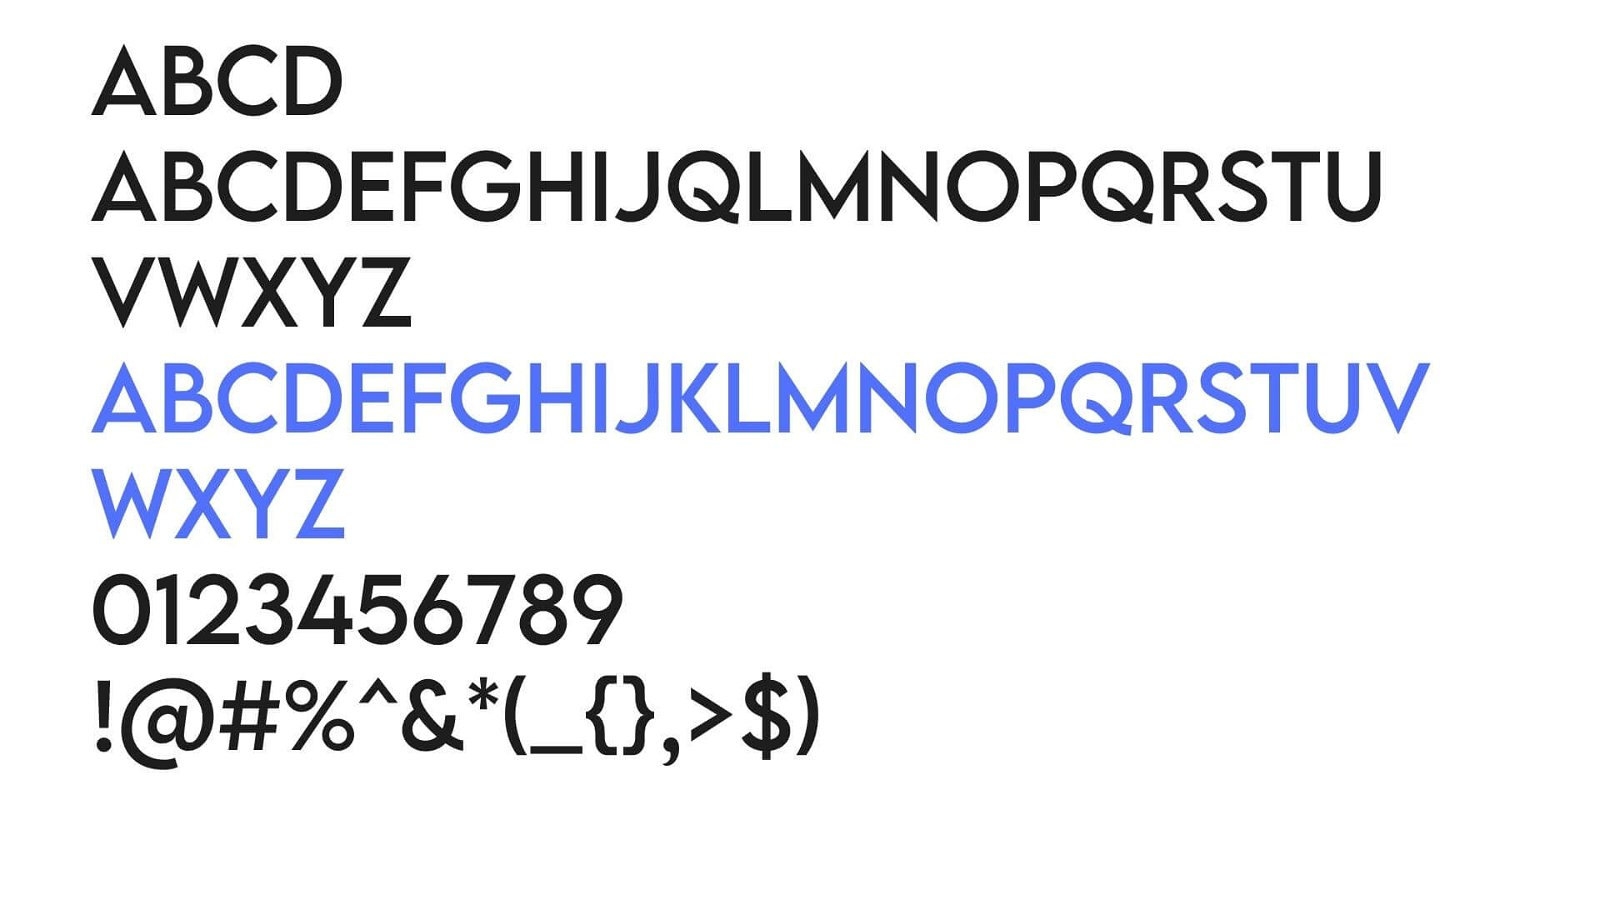 Lemon Milk Font View - Lemon Milk Font Free Download